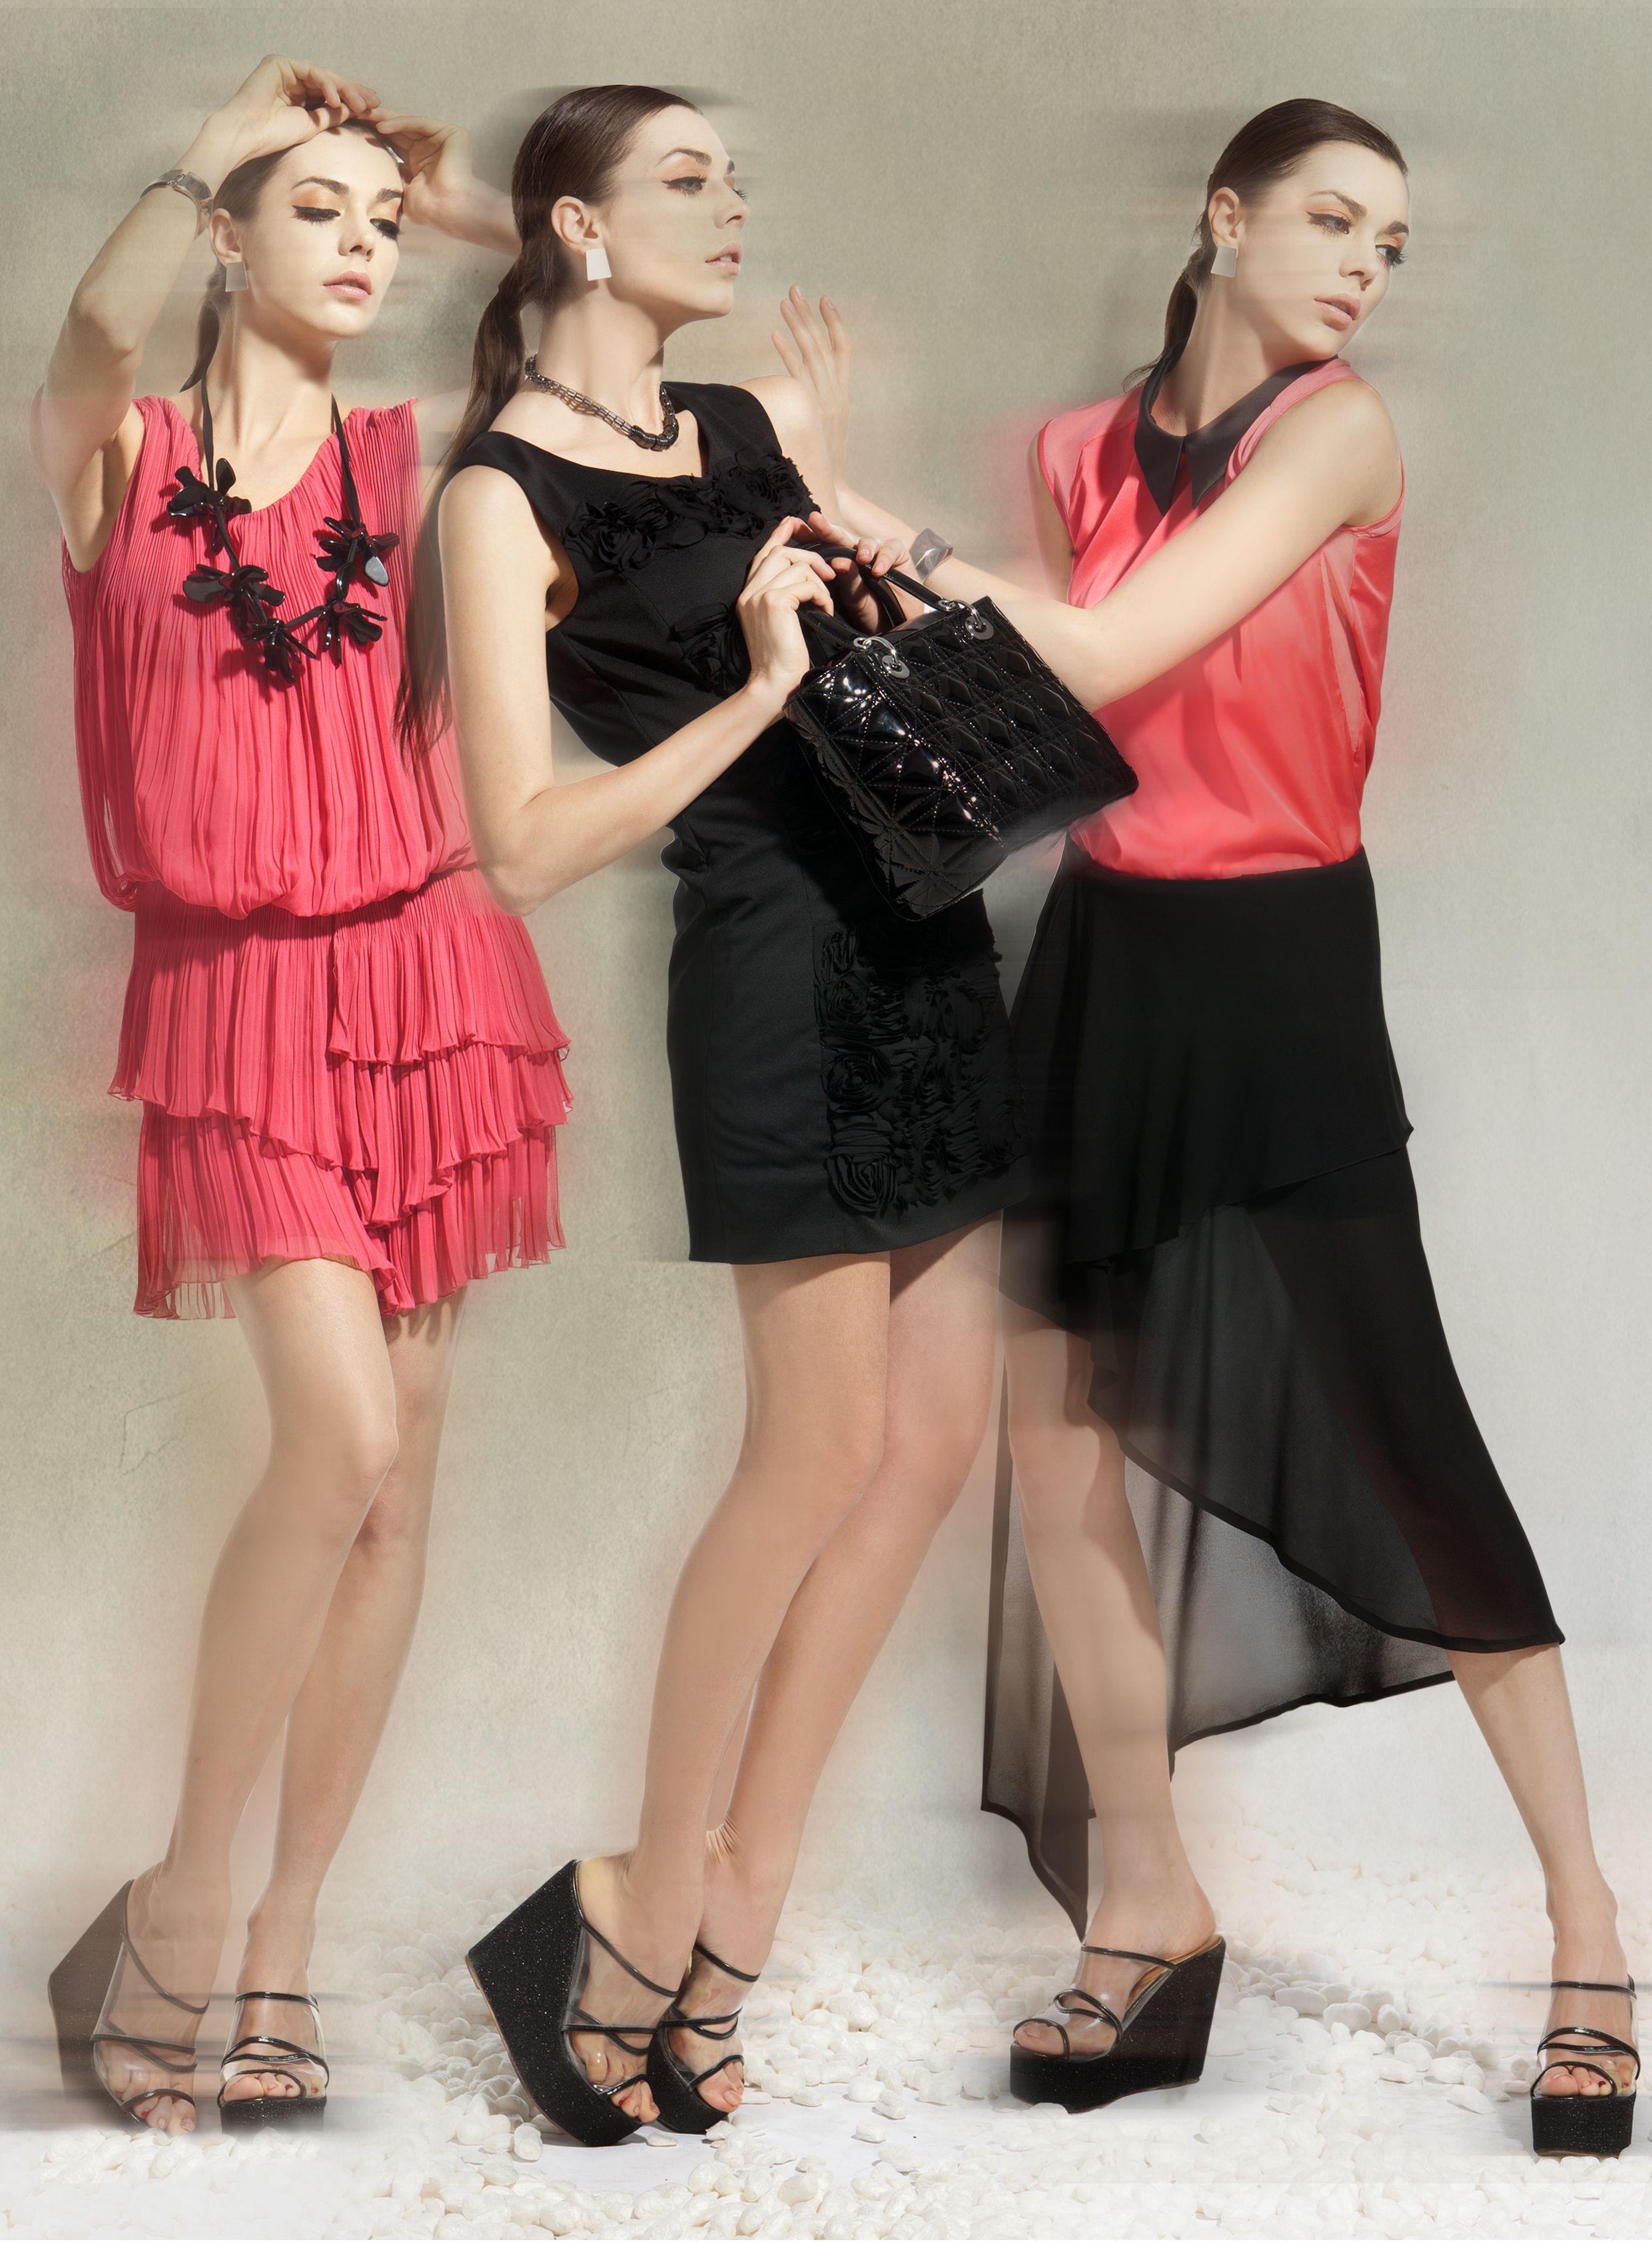 台绣/金台绣/艺术空间 时尚女装 诚邀您加盟